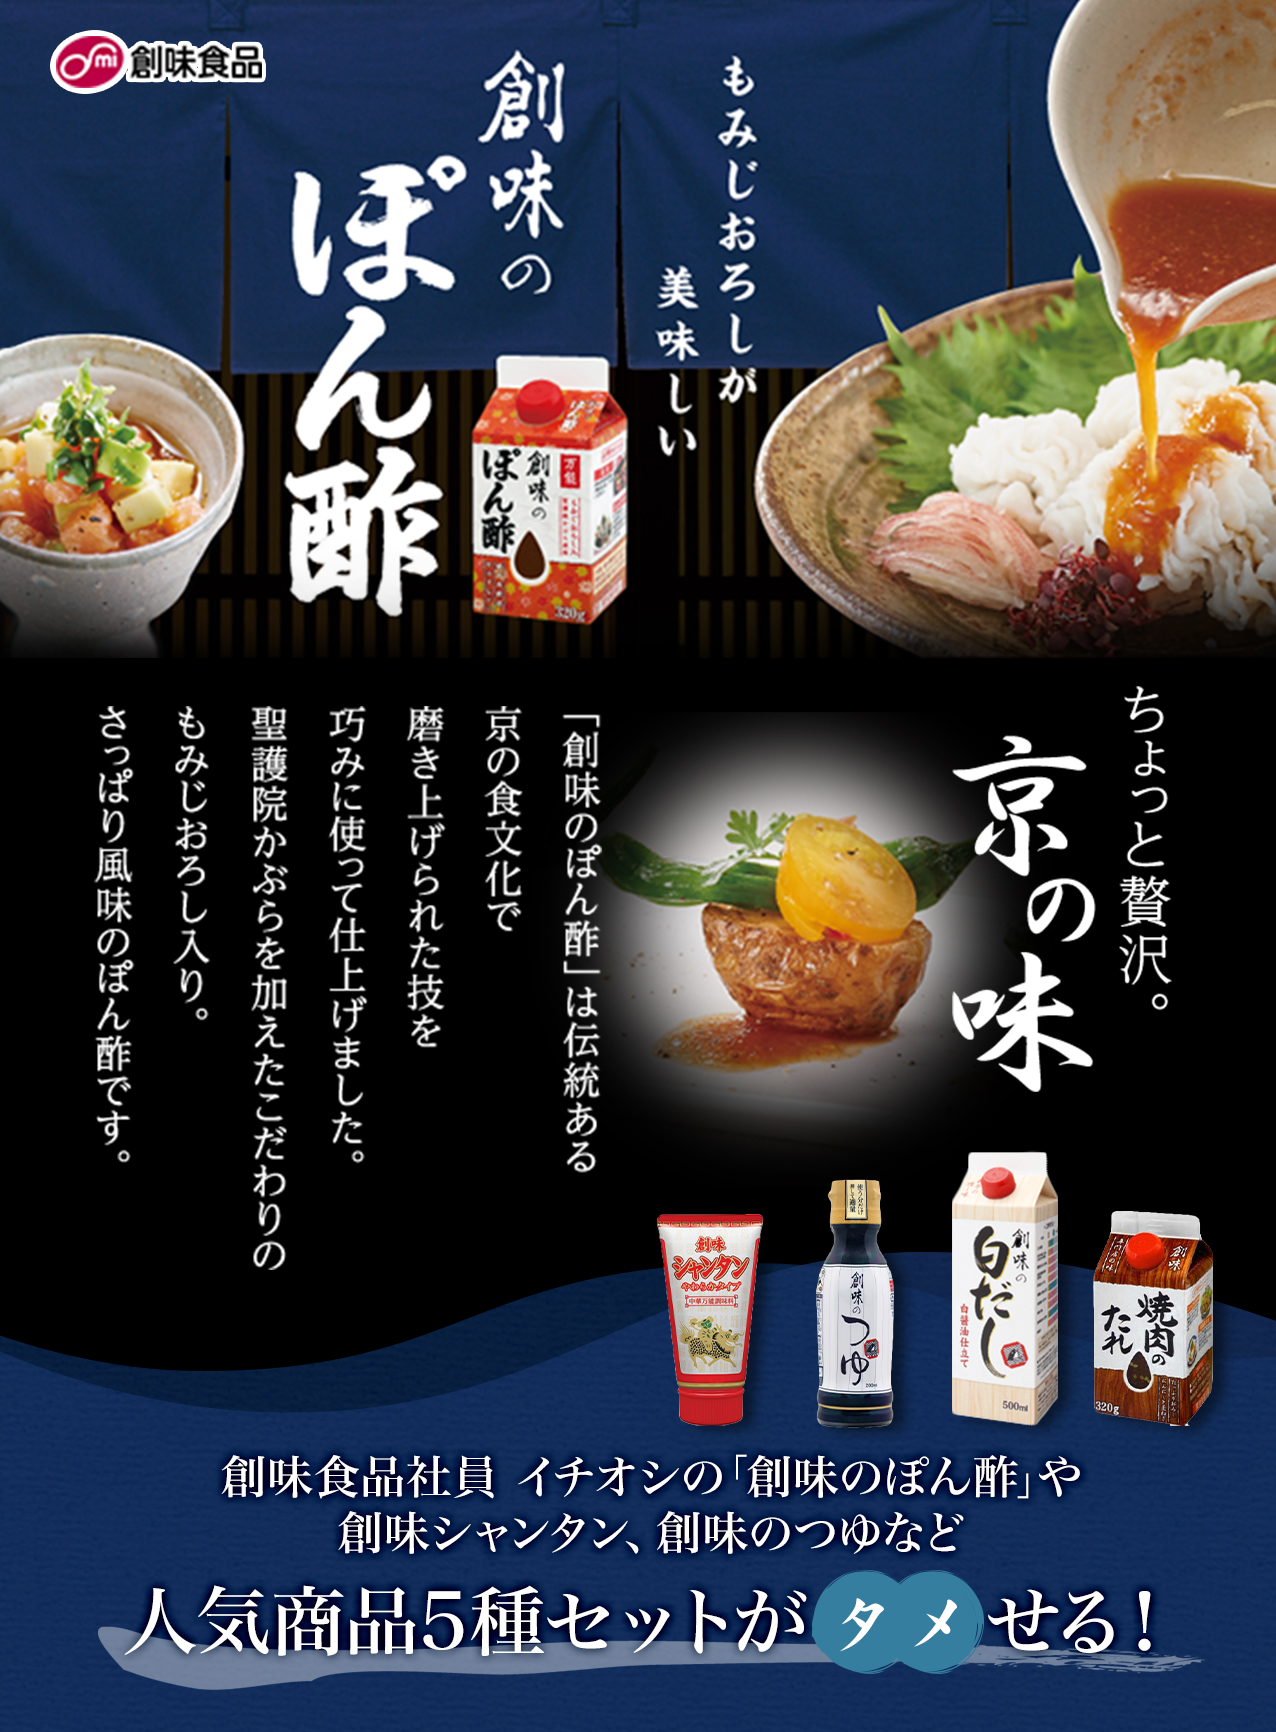 もみじおろしが美味しい創味のぽん酢 ちょっと贅沢。京の味 創味食品人気商品5種セットがタメせる!